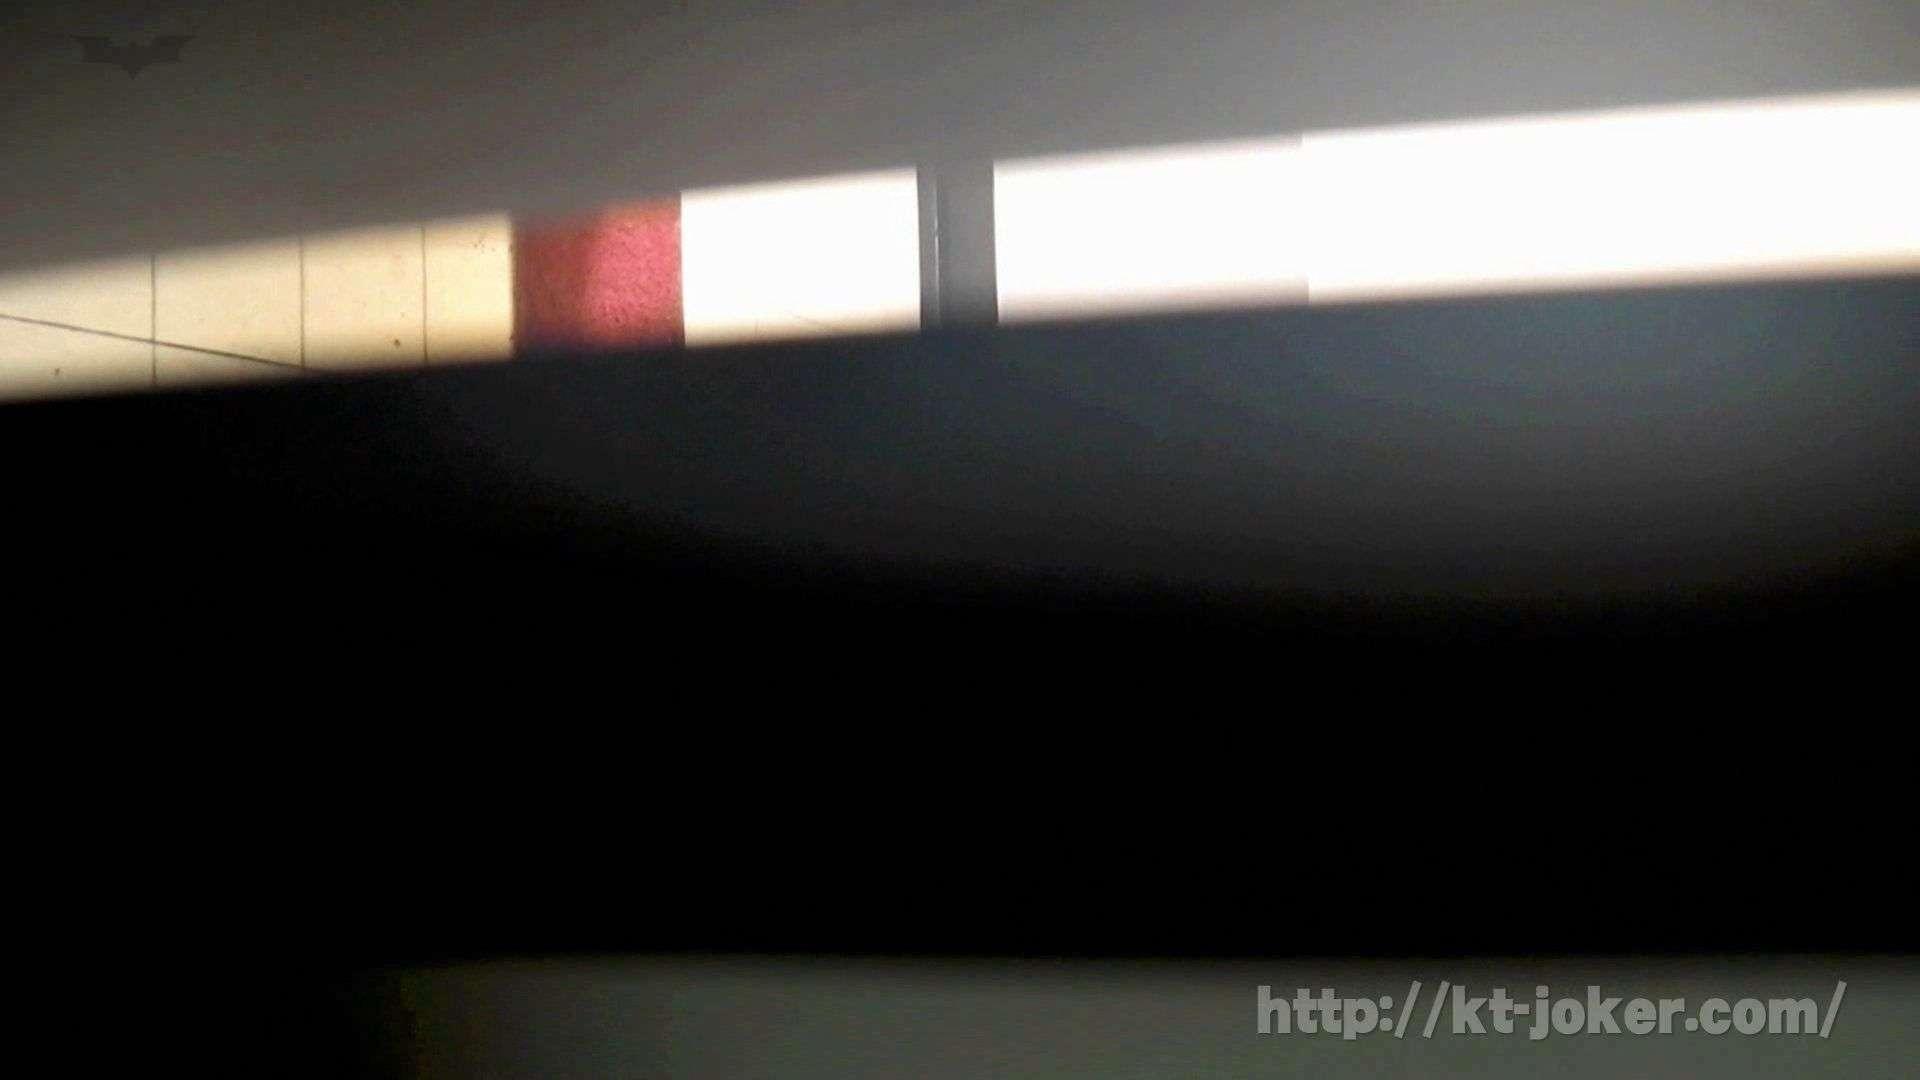 命がけ潜伏洗面所! vol.72 貴重すぎ、二子登場!! 洗面所 | プライベート  79pic 16